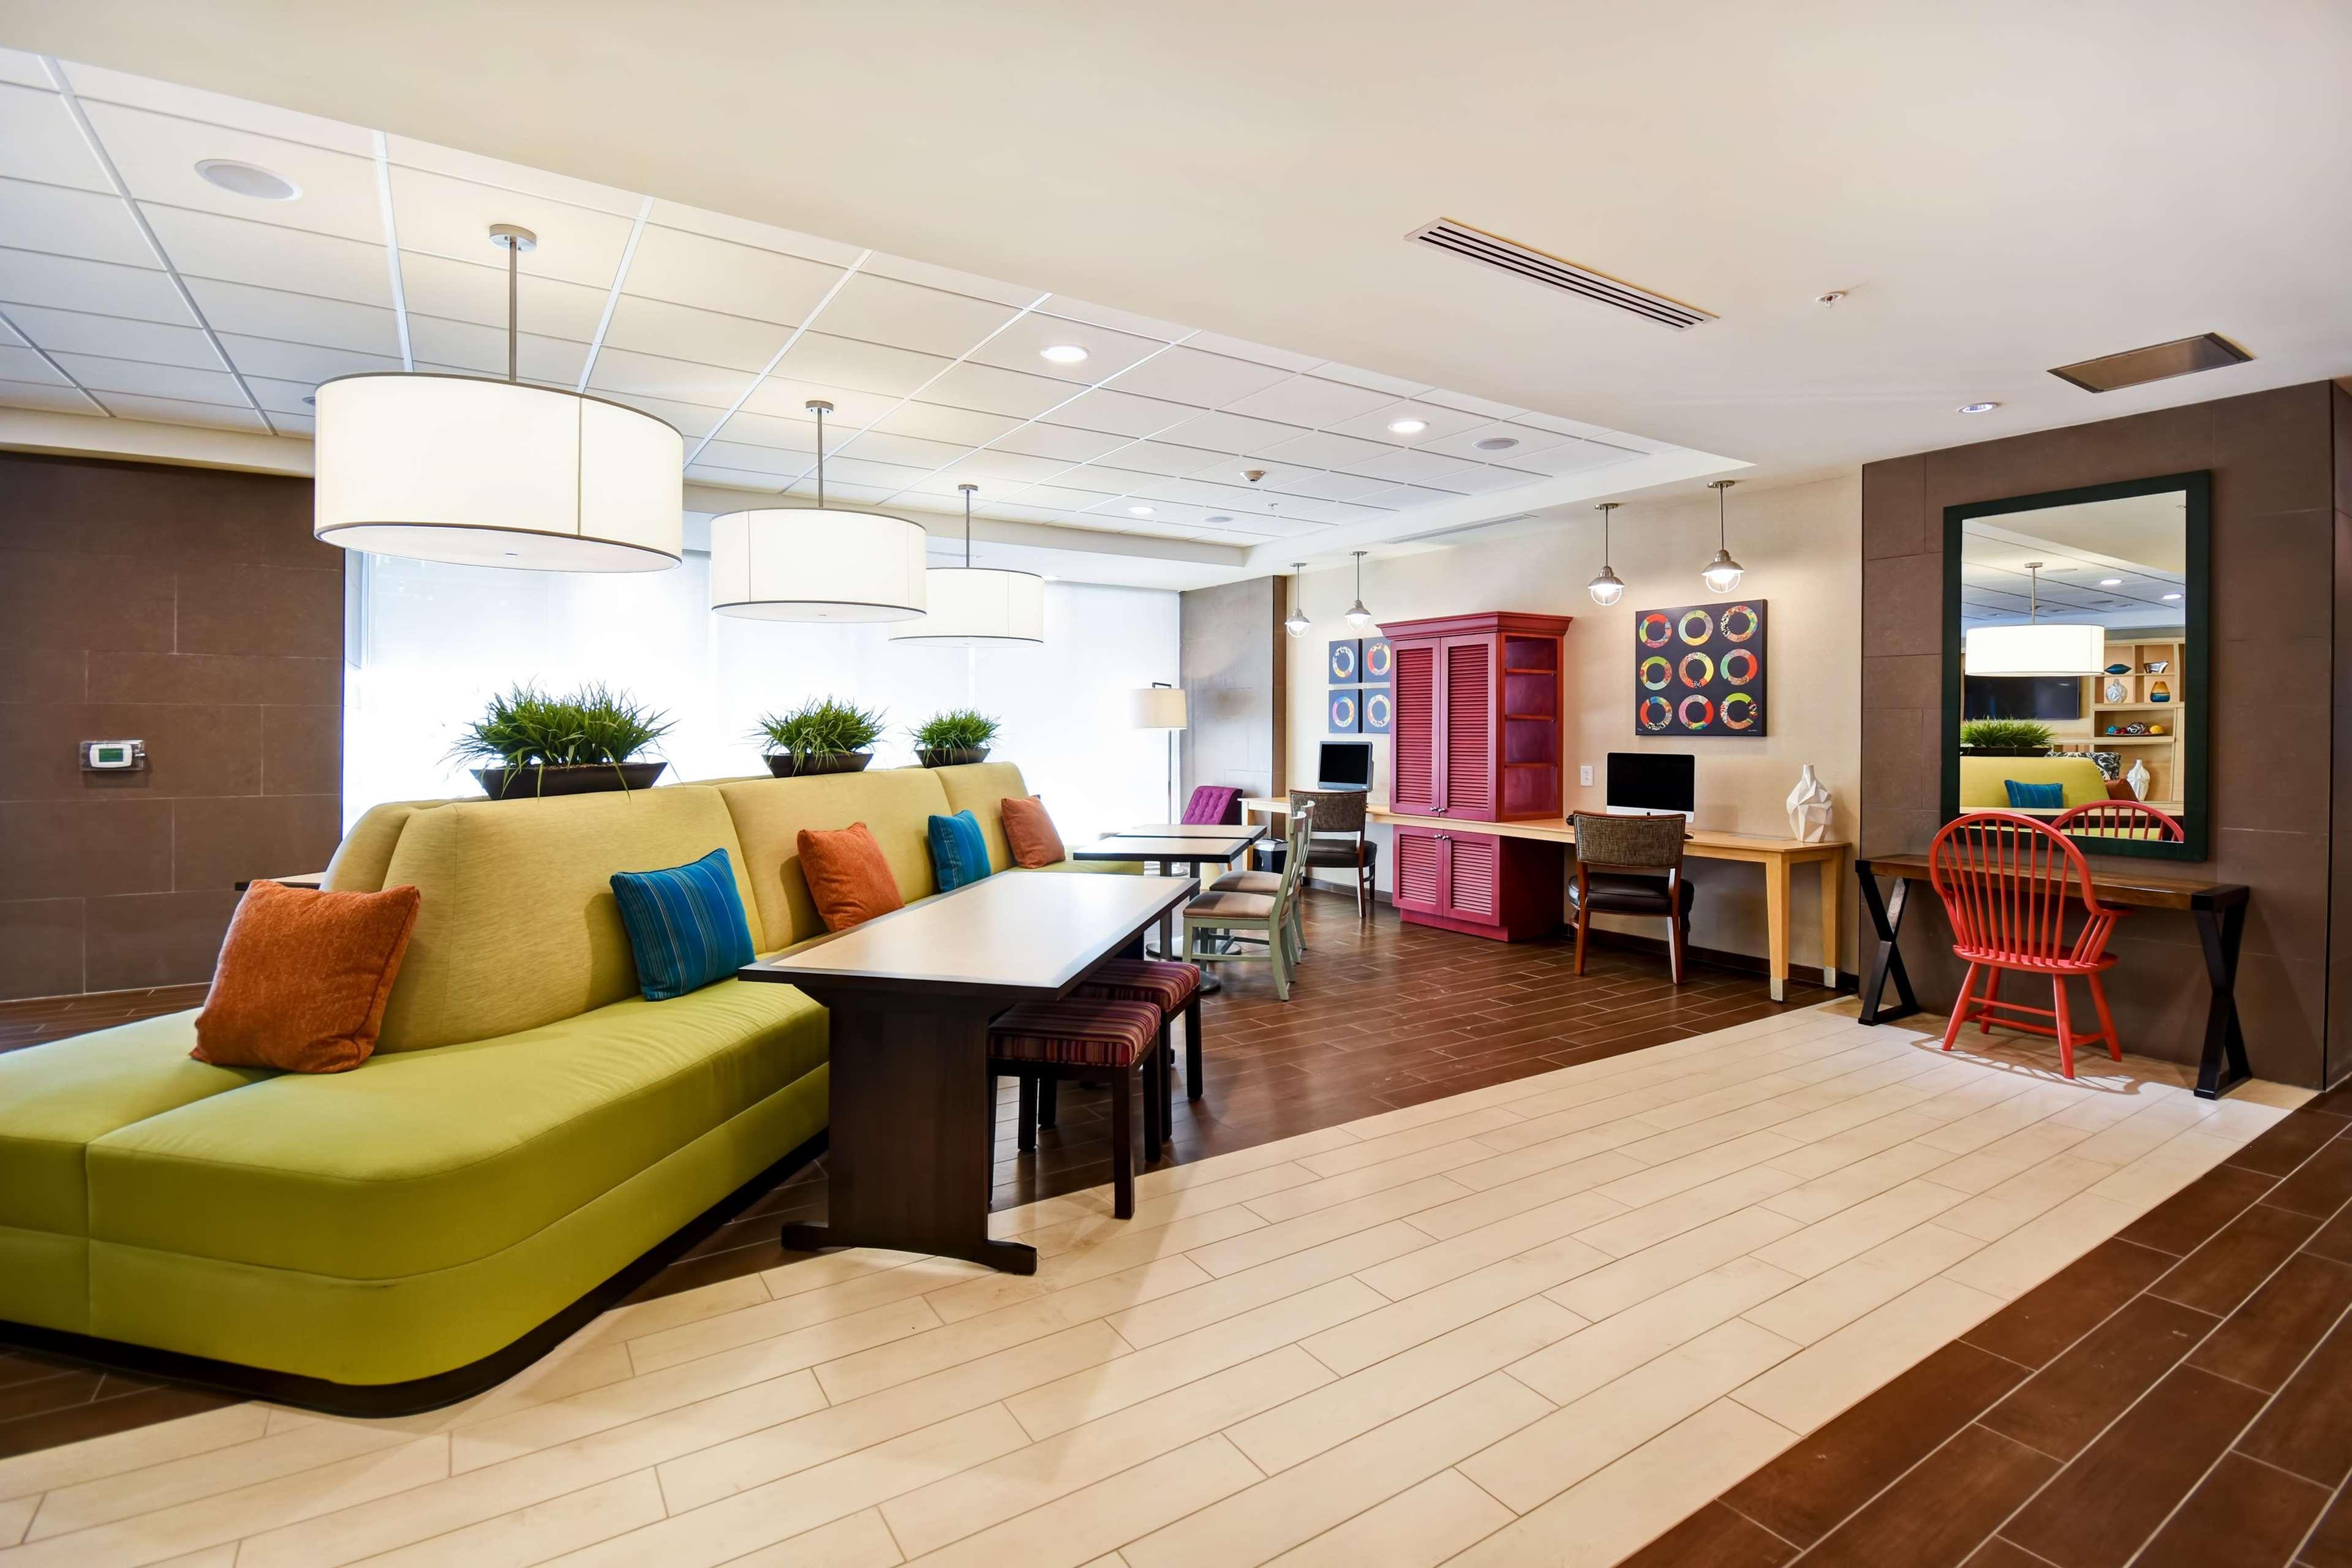 Home2 Suites by Hilton Smyrna Nashville image 13